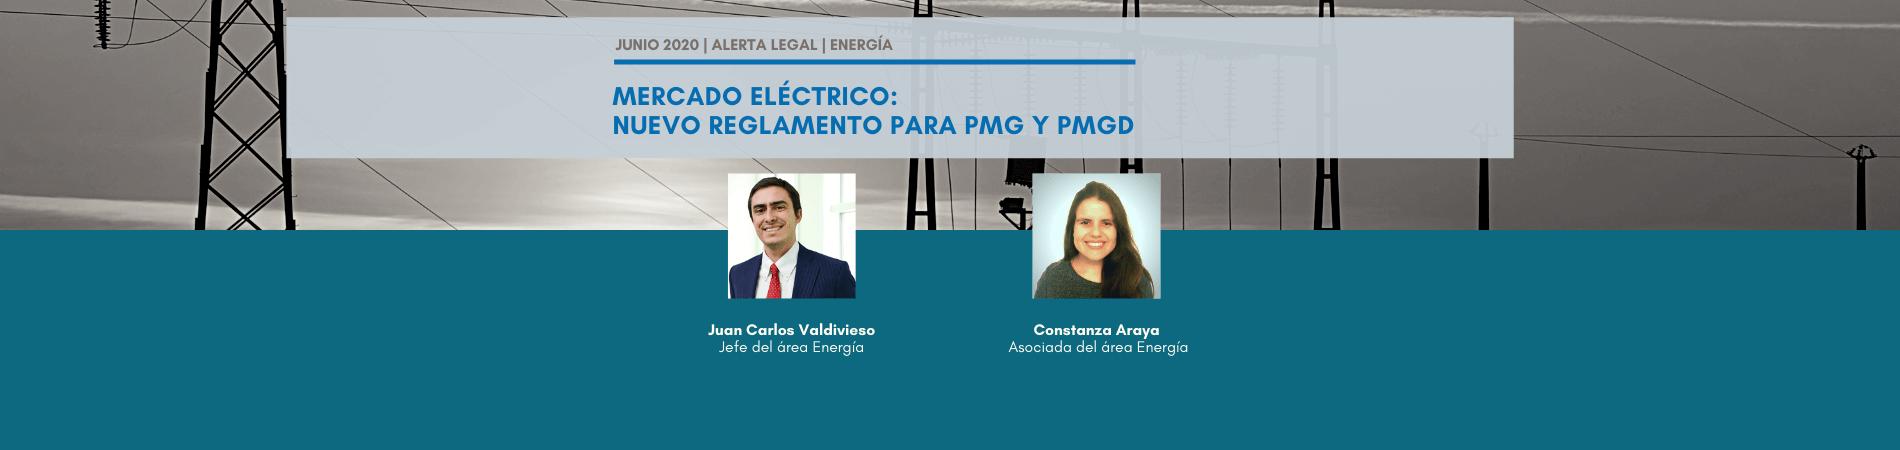 Alerta Legal | Mercado Eléctrico: Nuevo reglamento para PMG y PMGD